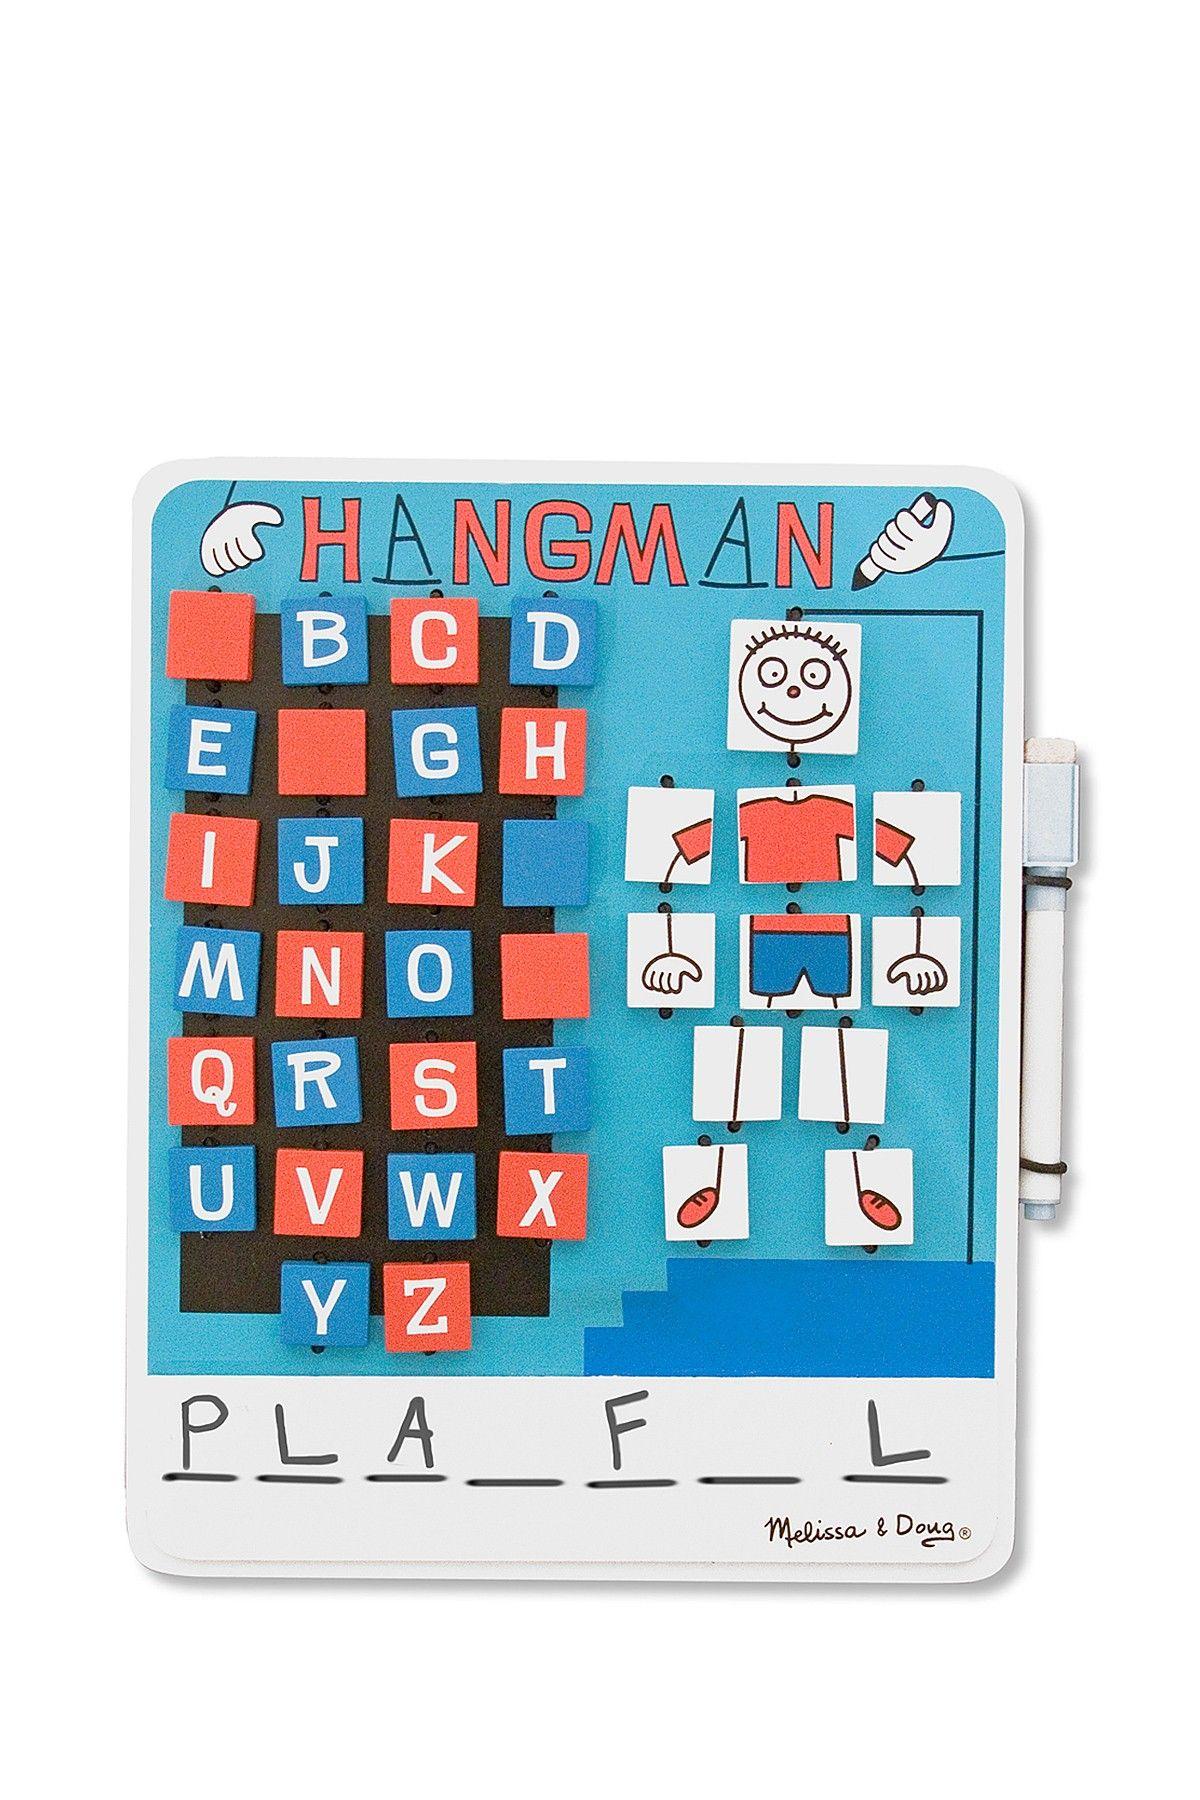 Flip to Win Hangman Hangman game